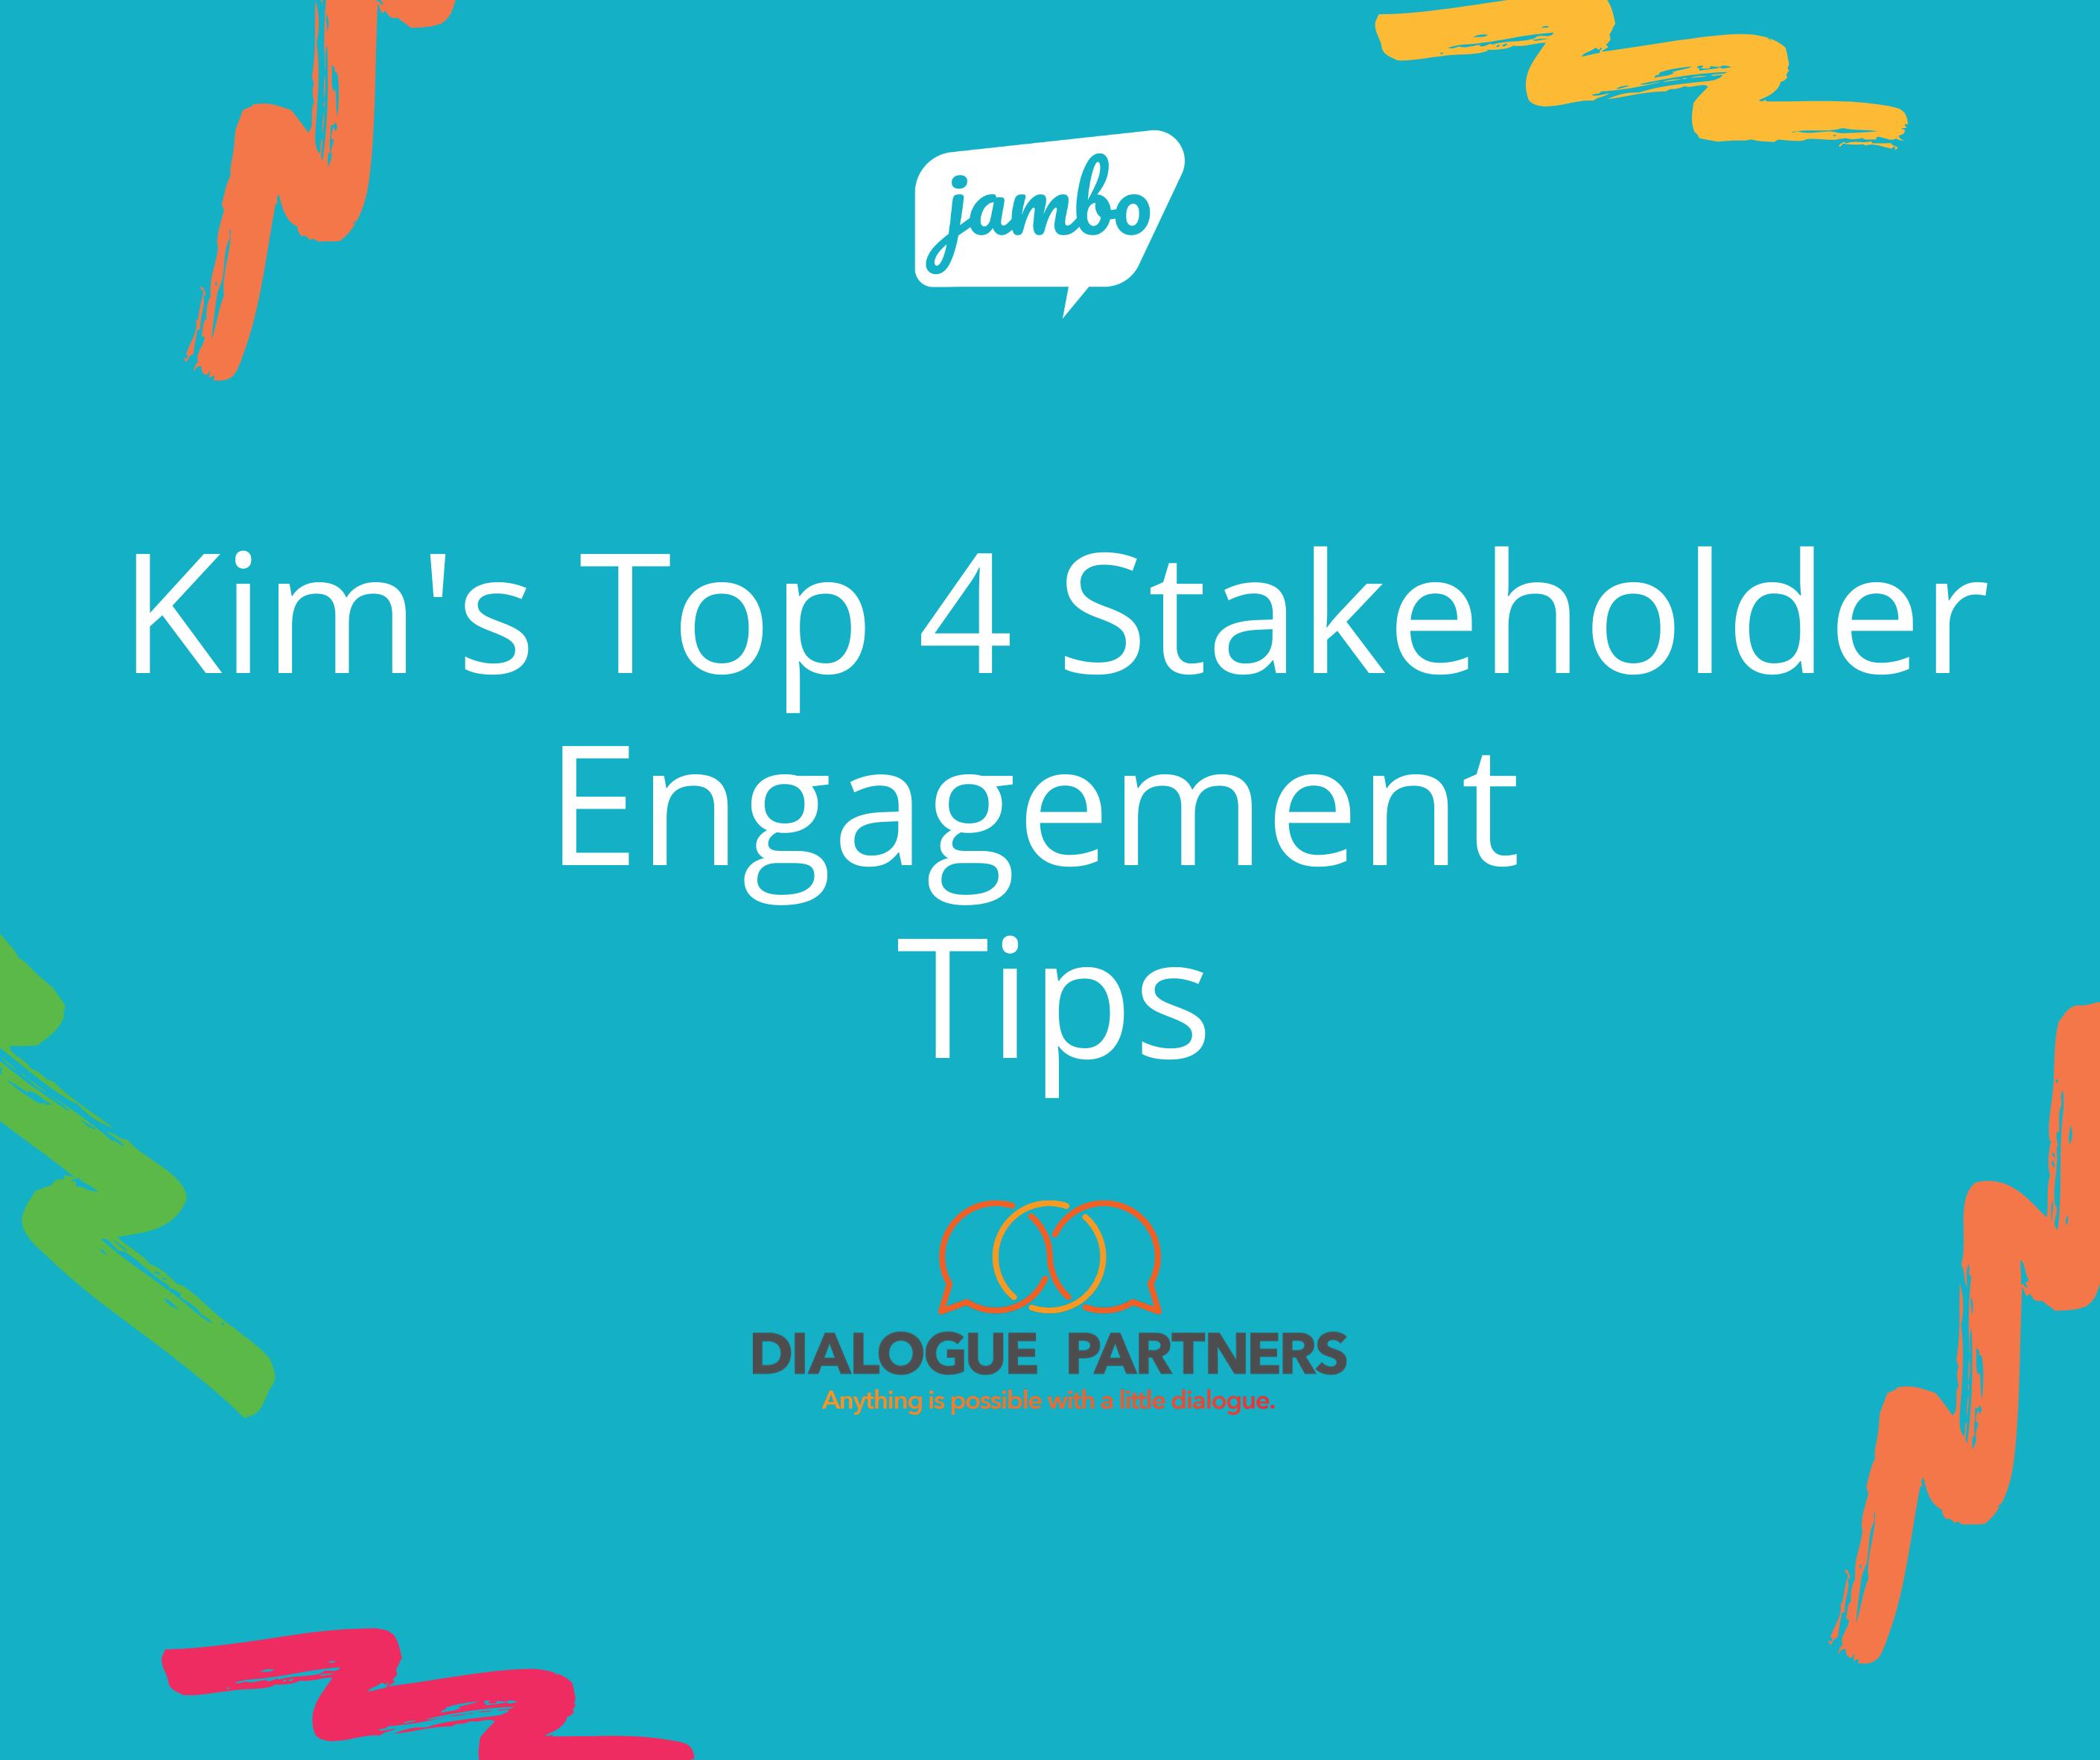 Kims Stakeholder Engagement Tip Sheet